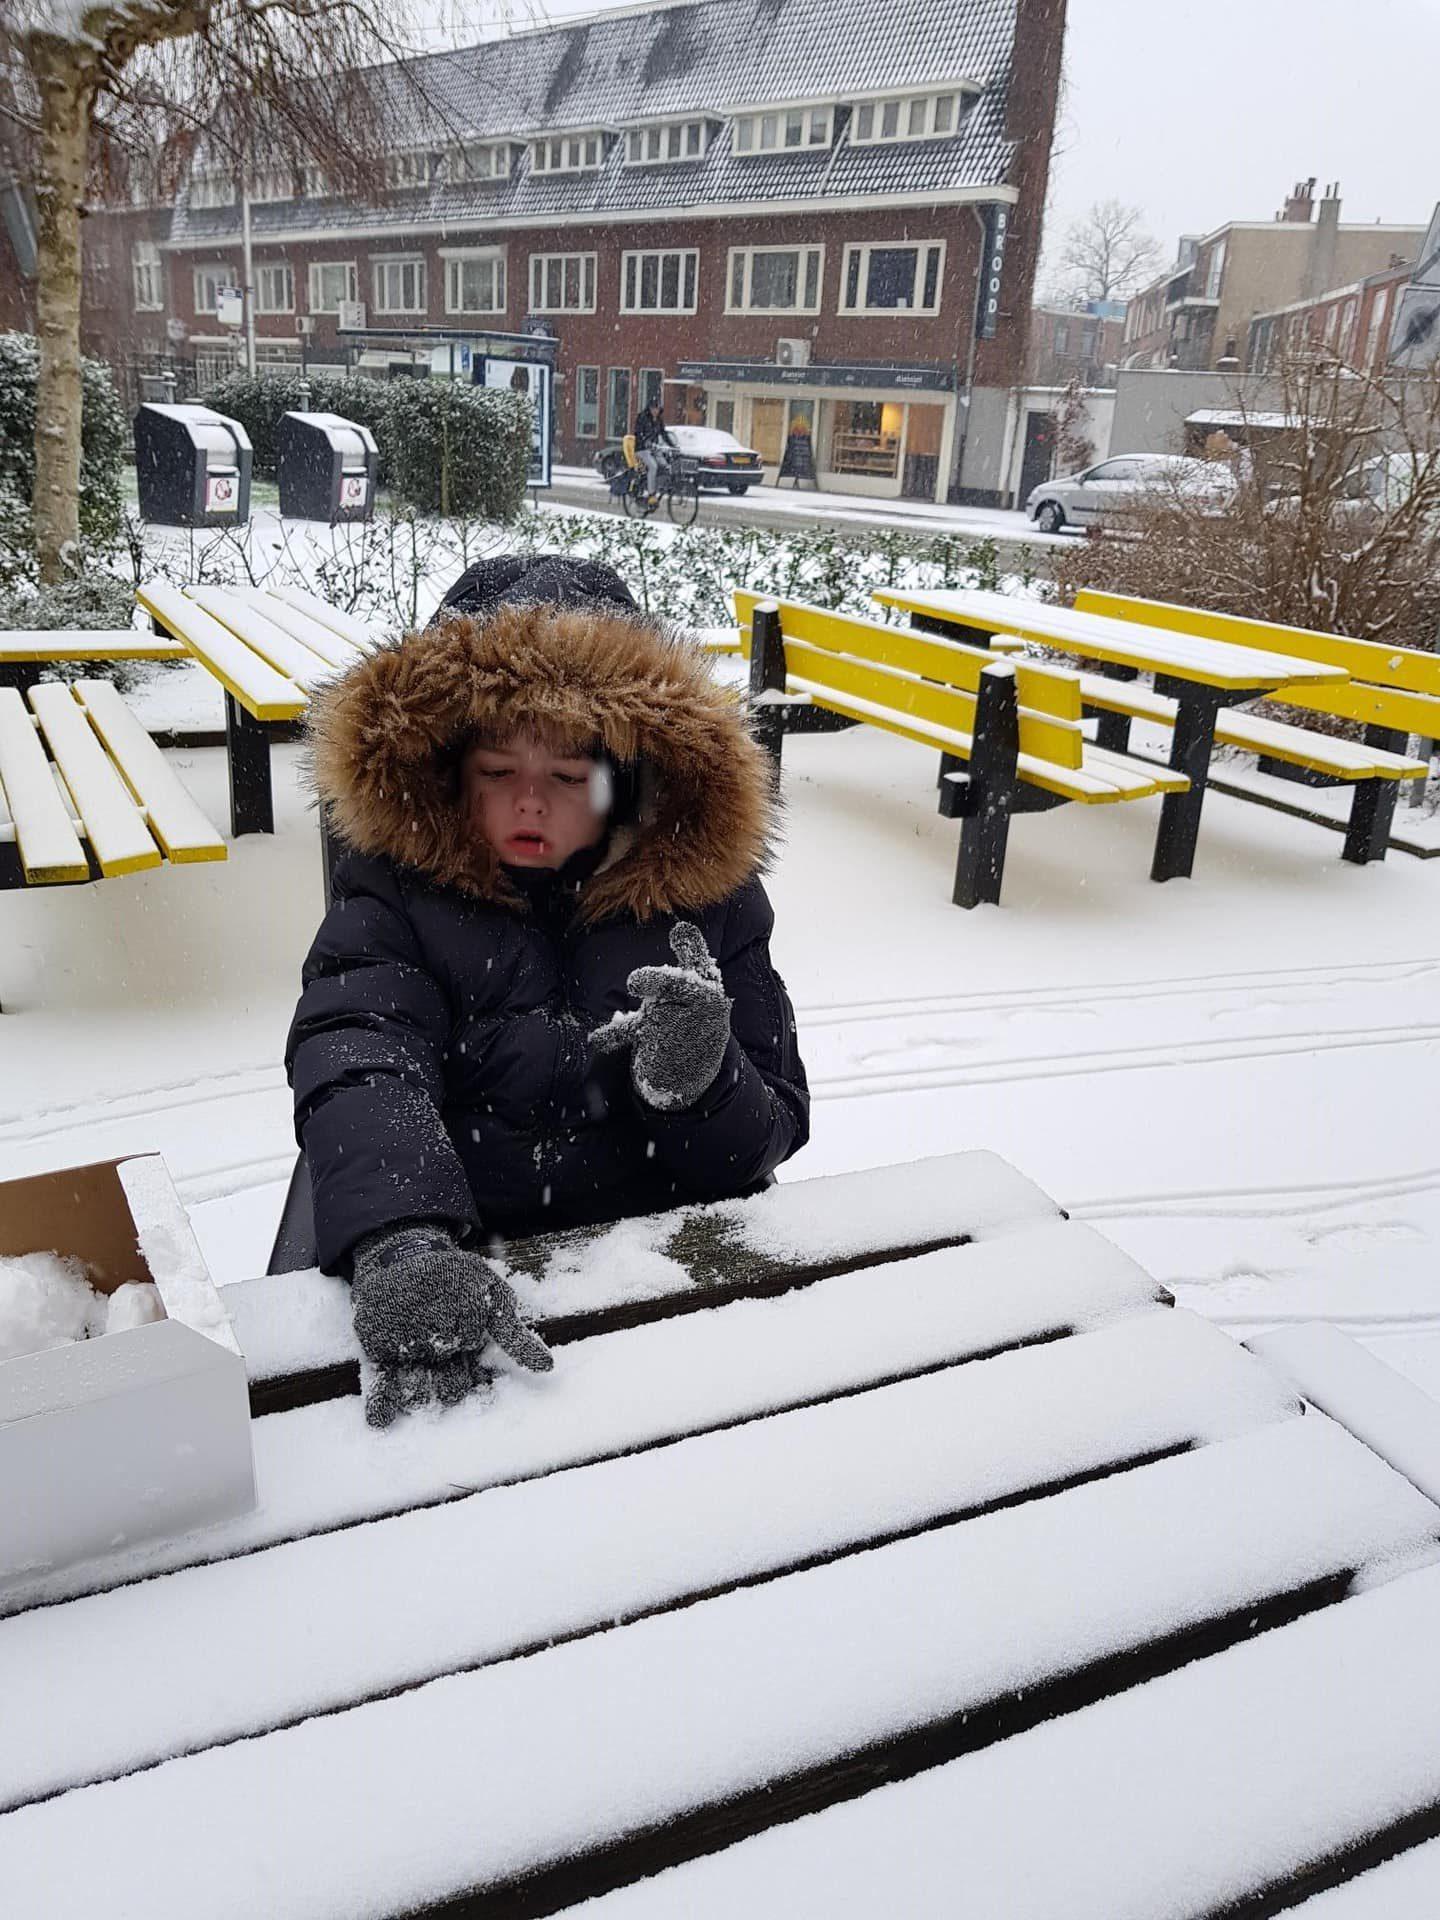 Jason maakt sneeuwballen bij De Hoogstraat